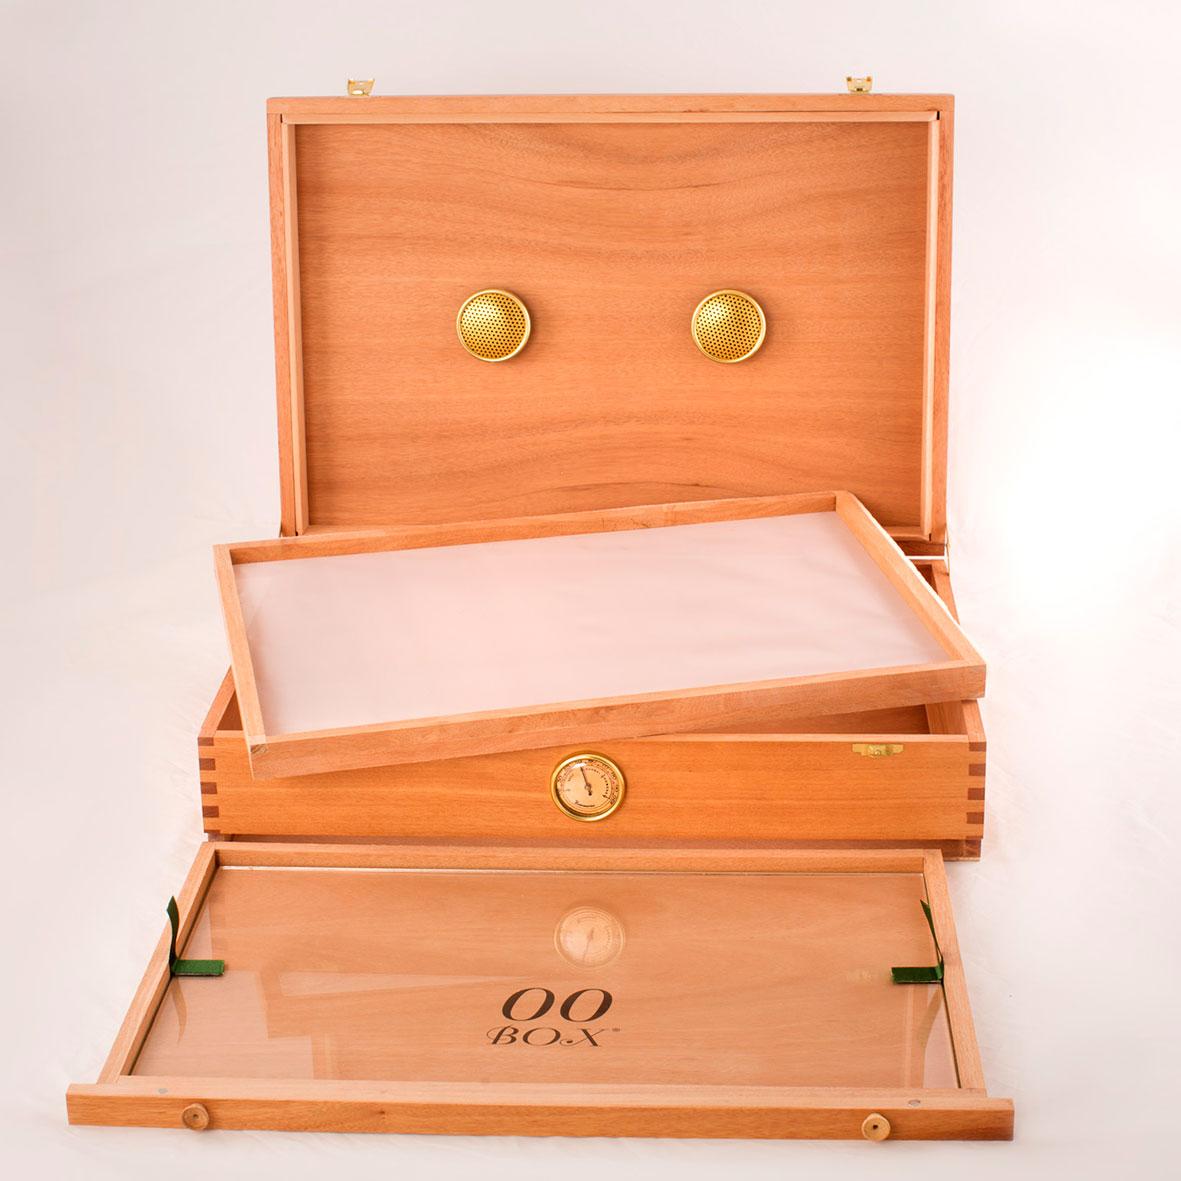 00box caja grande 04